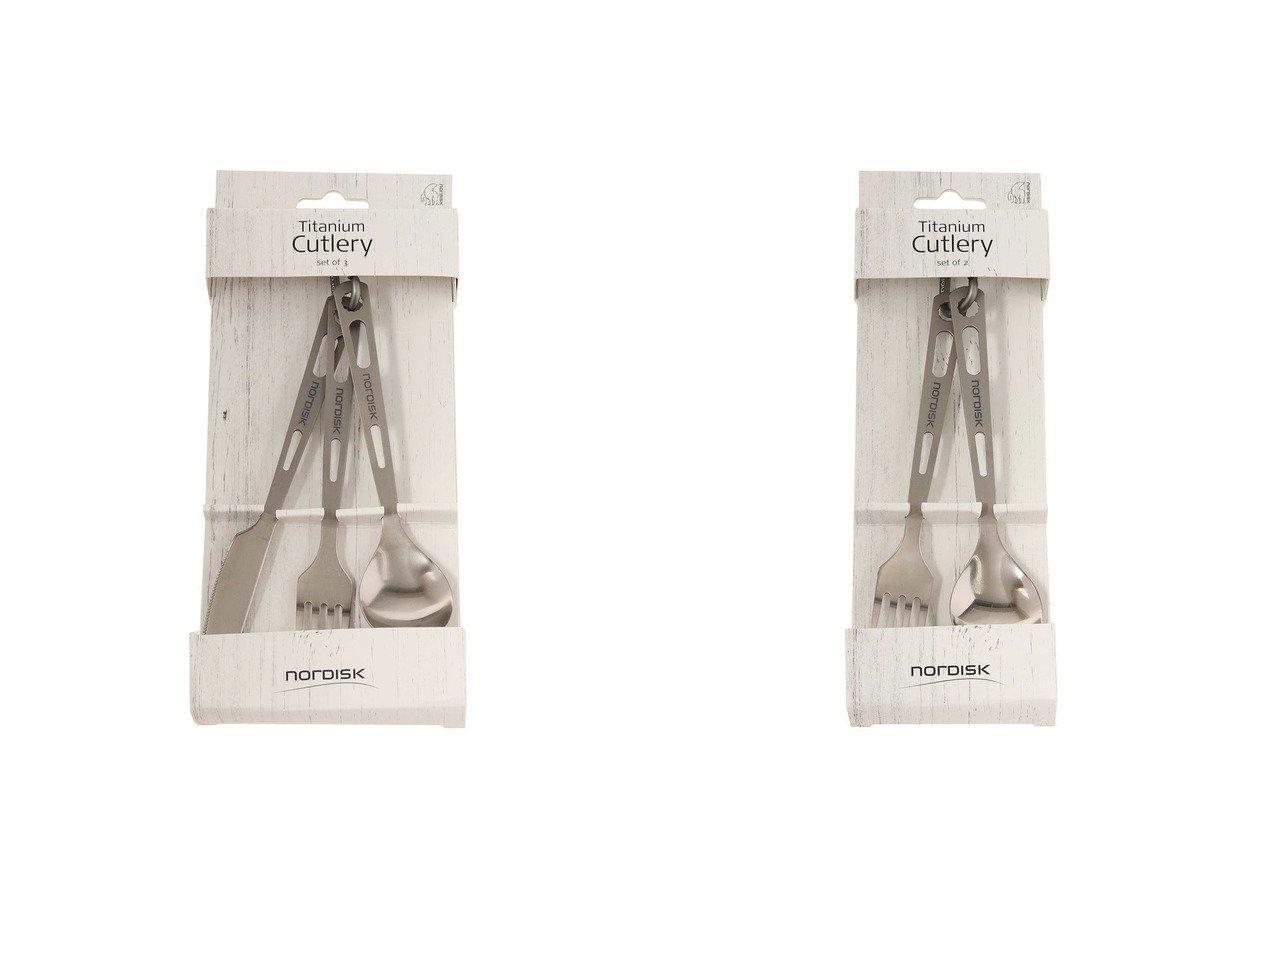 【Nordisk/ノルディスク】のチタン製 カトラリー 3点セット 119021&チタン製 カトラリー 2点セット 119020 おすすめ!人気キャンプ・アウトドア用品の通販 おすすめで人気の流行・トレンド、ファッションの通販商品 メンズファッション・キッズファッション・インテリア・家具・レディースファッション・服の通販 founy(ファニー) https://founy.com/ ホーム・キャンプ・アウトドア Home,Garden,Outdoor,Camping Gear キャンプ用品・アウトドア  Camping Gear & Outdoor Supplies その他 雑貨 小物 Camping Tools |ID:crp329100000037424